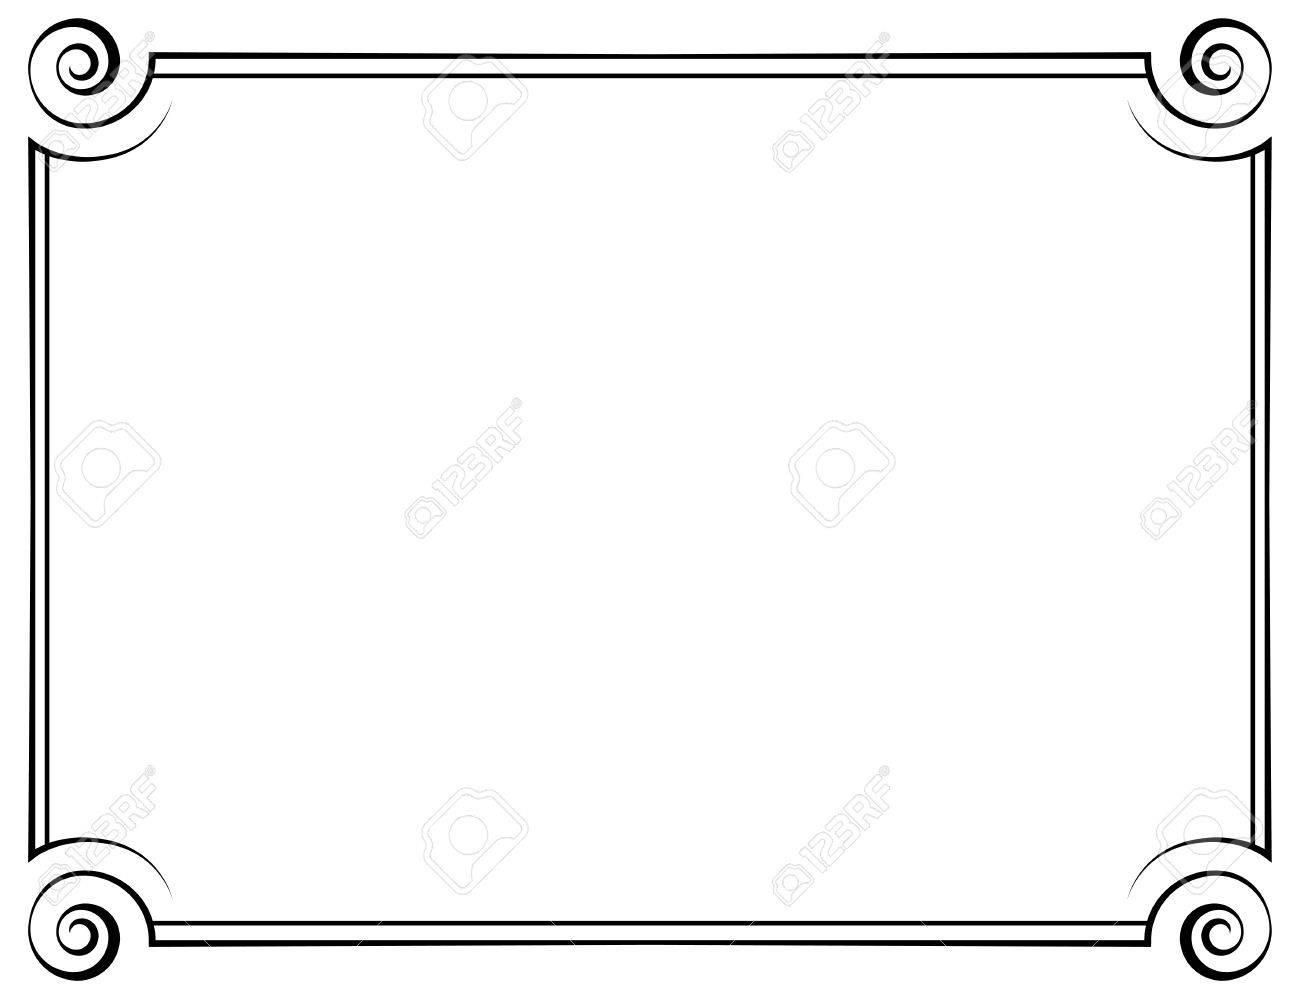 Vektor Horizontalen Rahmen. Element Für Grafik-Design Lizenzfrei ...